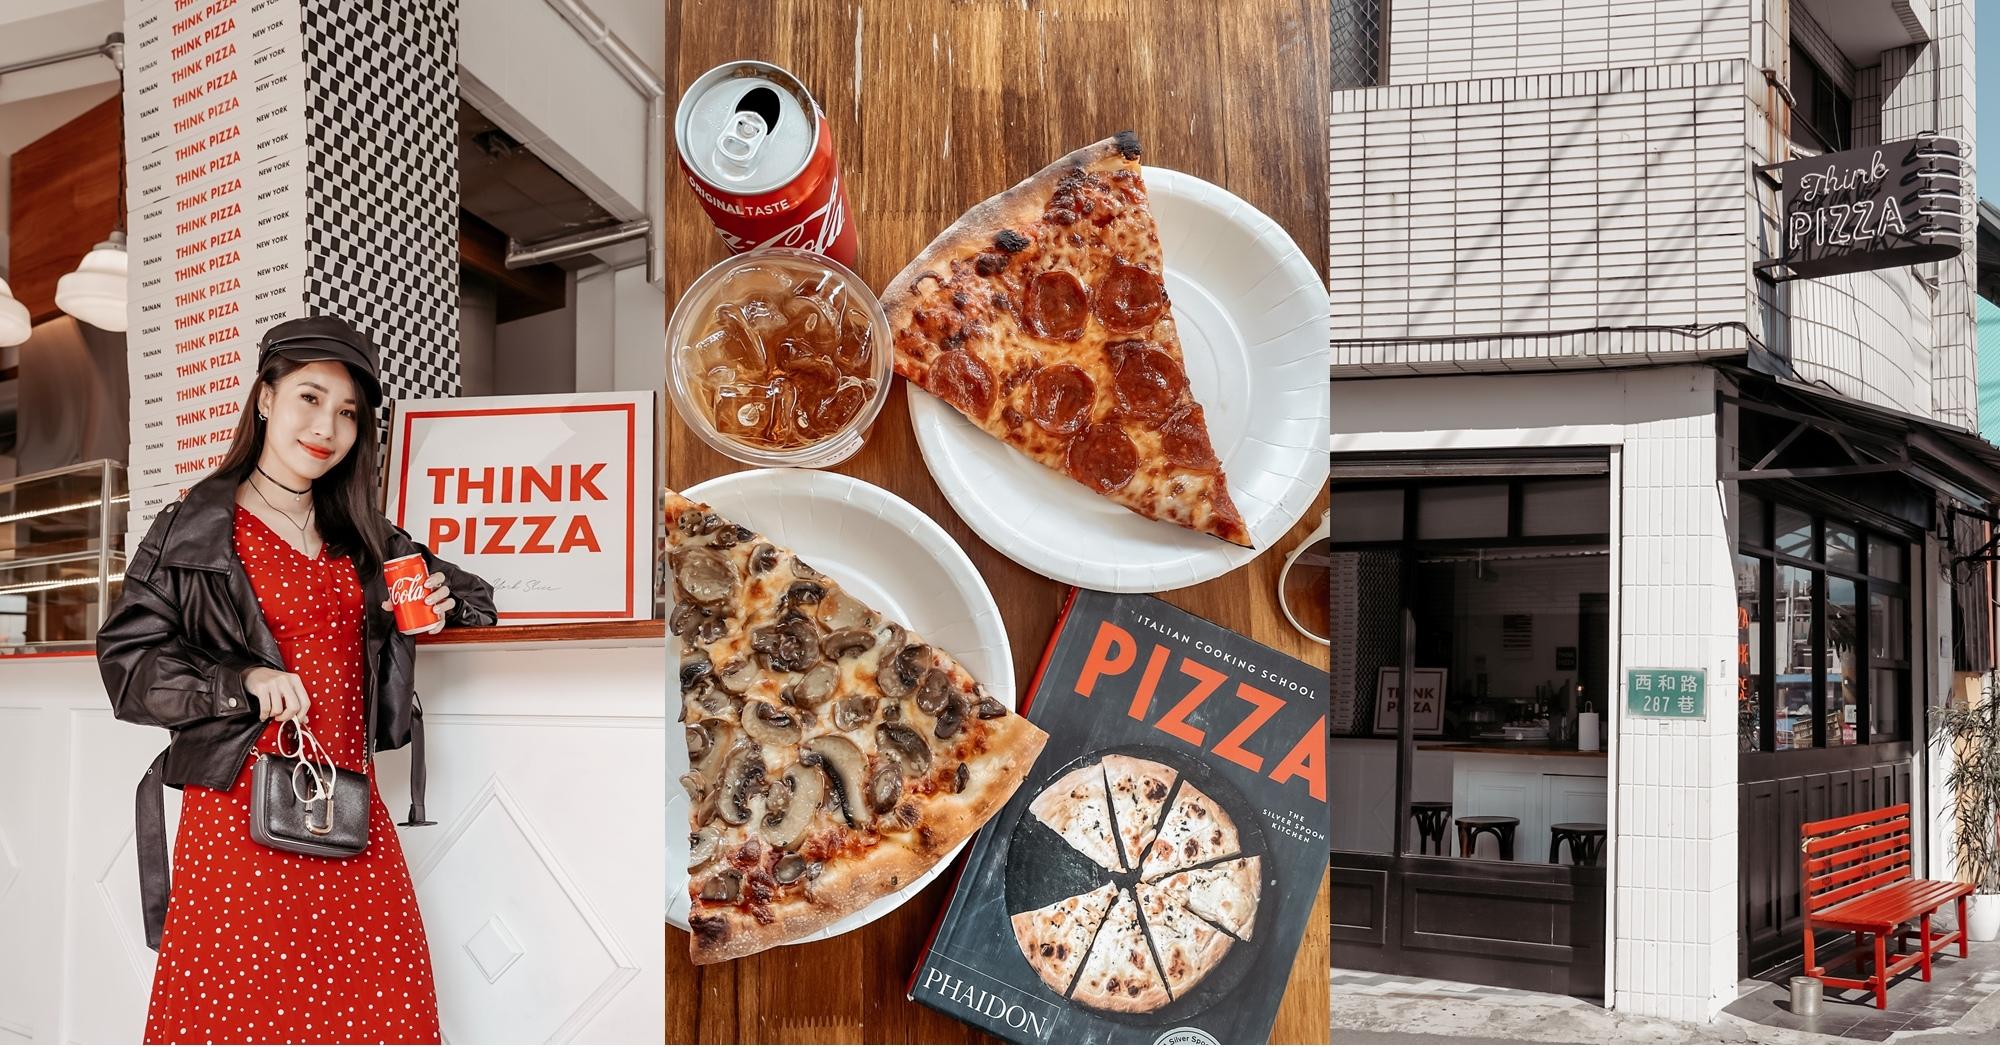 台南必訪PIZZA店 【THINK PIZZA】 一秒到紐約 皮薄餡多吃一片就好滿足.jpg